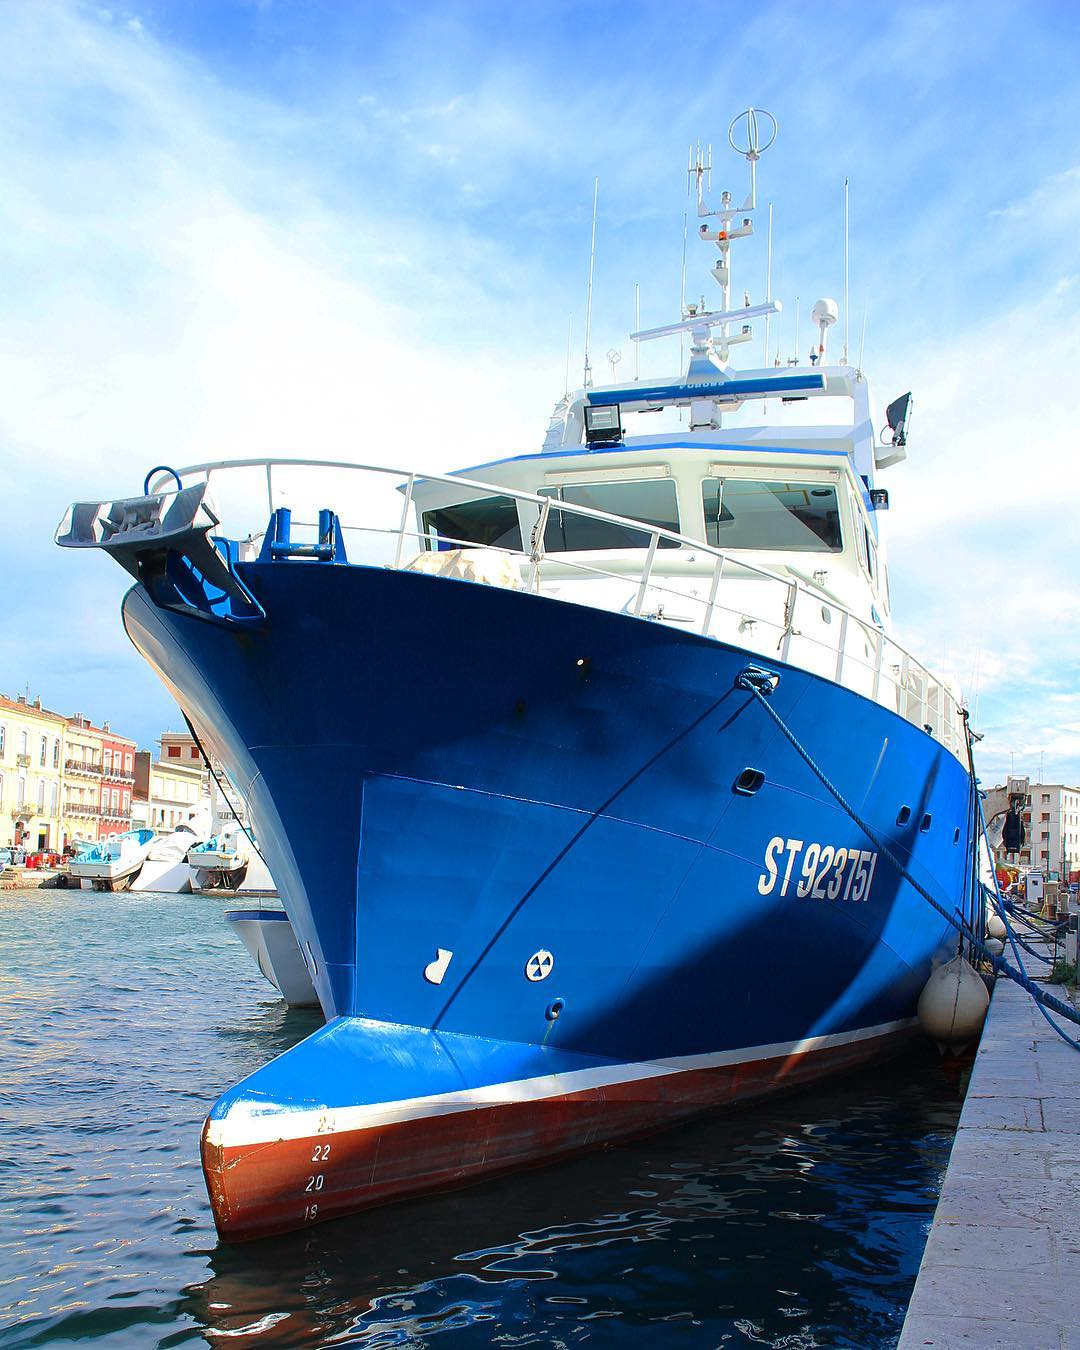 The Love Boat dans le Port de Sète ⚓️?? . . ? SÈTE (34)?? ? #pintadesete  ______ #cityguide #southOfFrance #SudDeFrance #cityTrip #frenchBlogger #blogueuse #blog #blogueusedusud #pintademontpellier #sete #montpellier #citytripsete #joutes #villedesete #villedesète